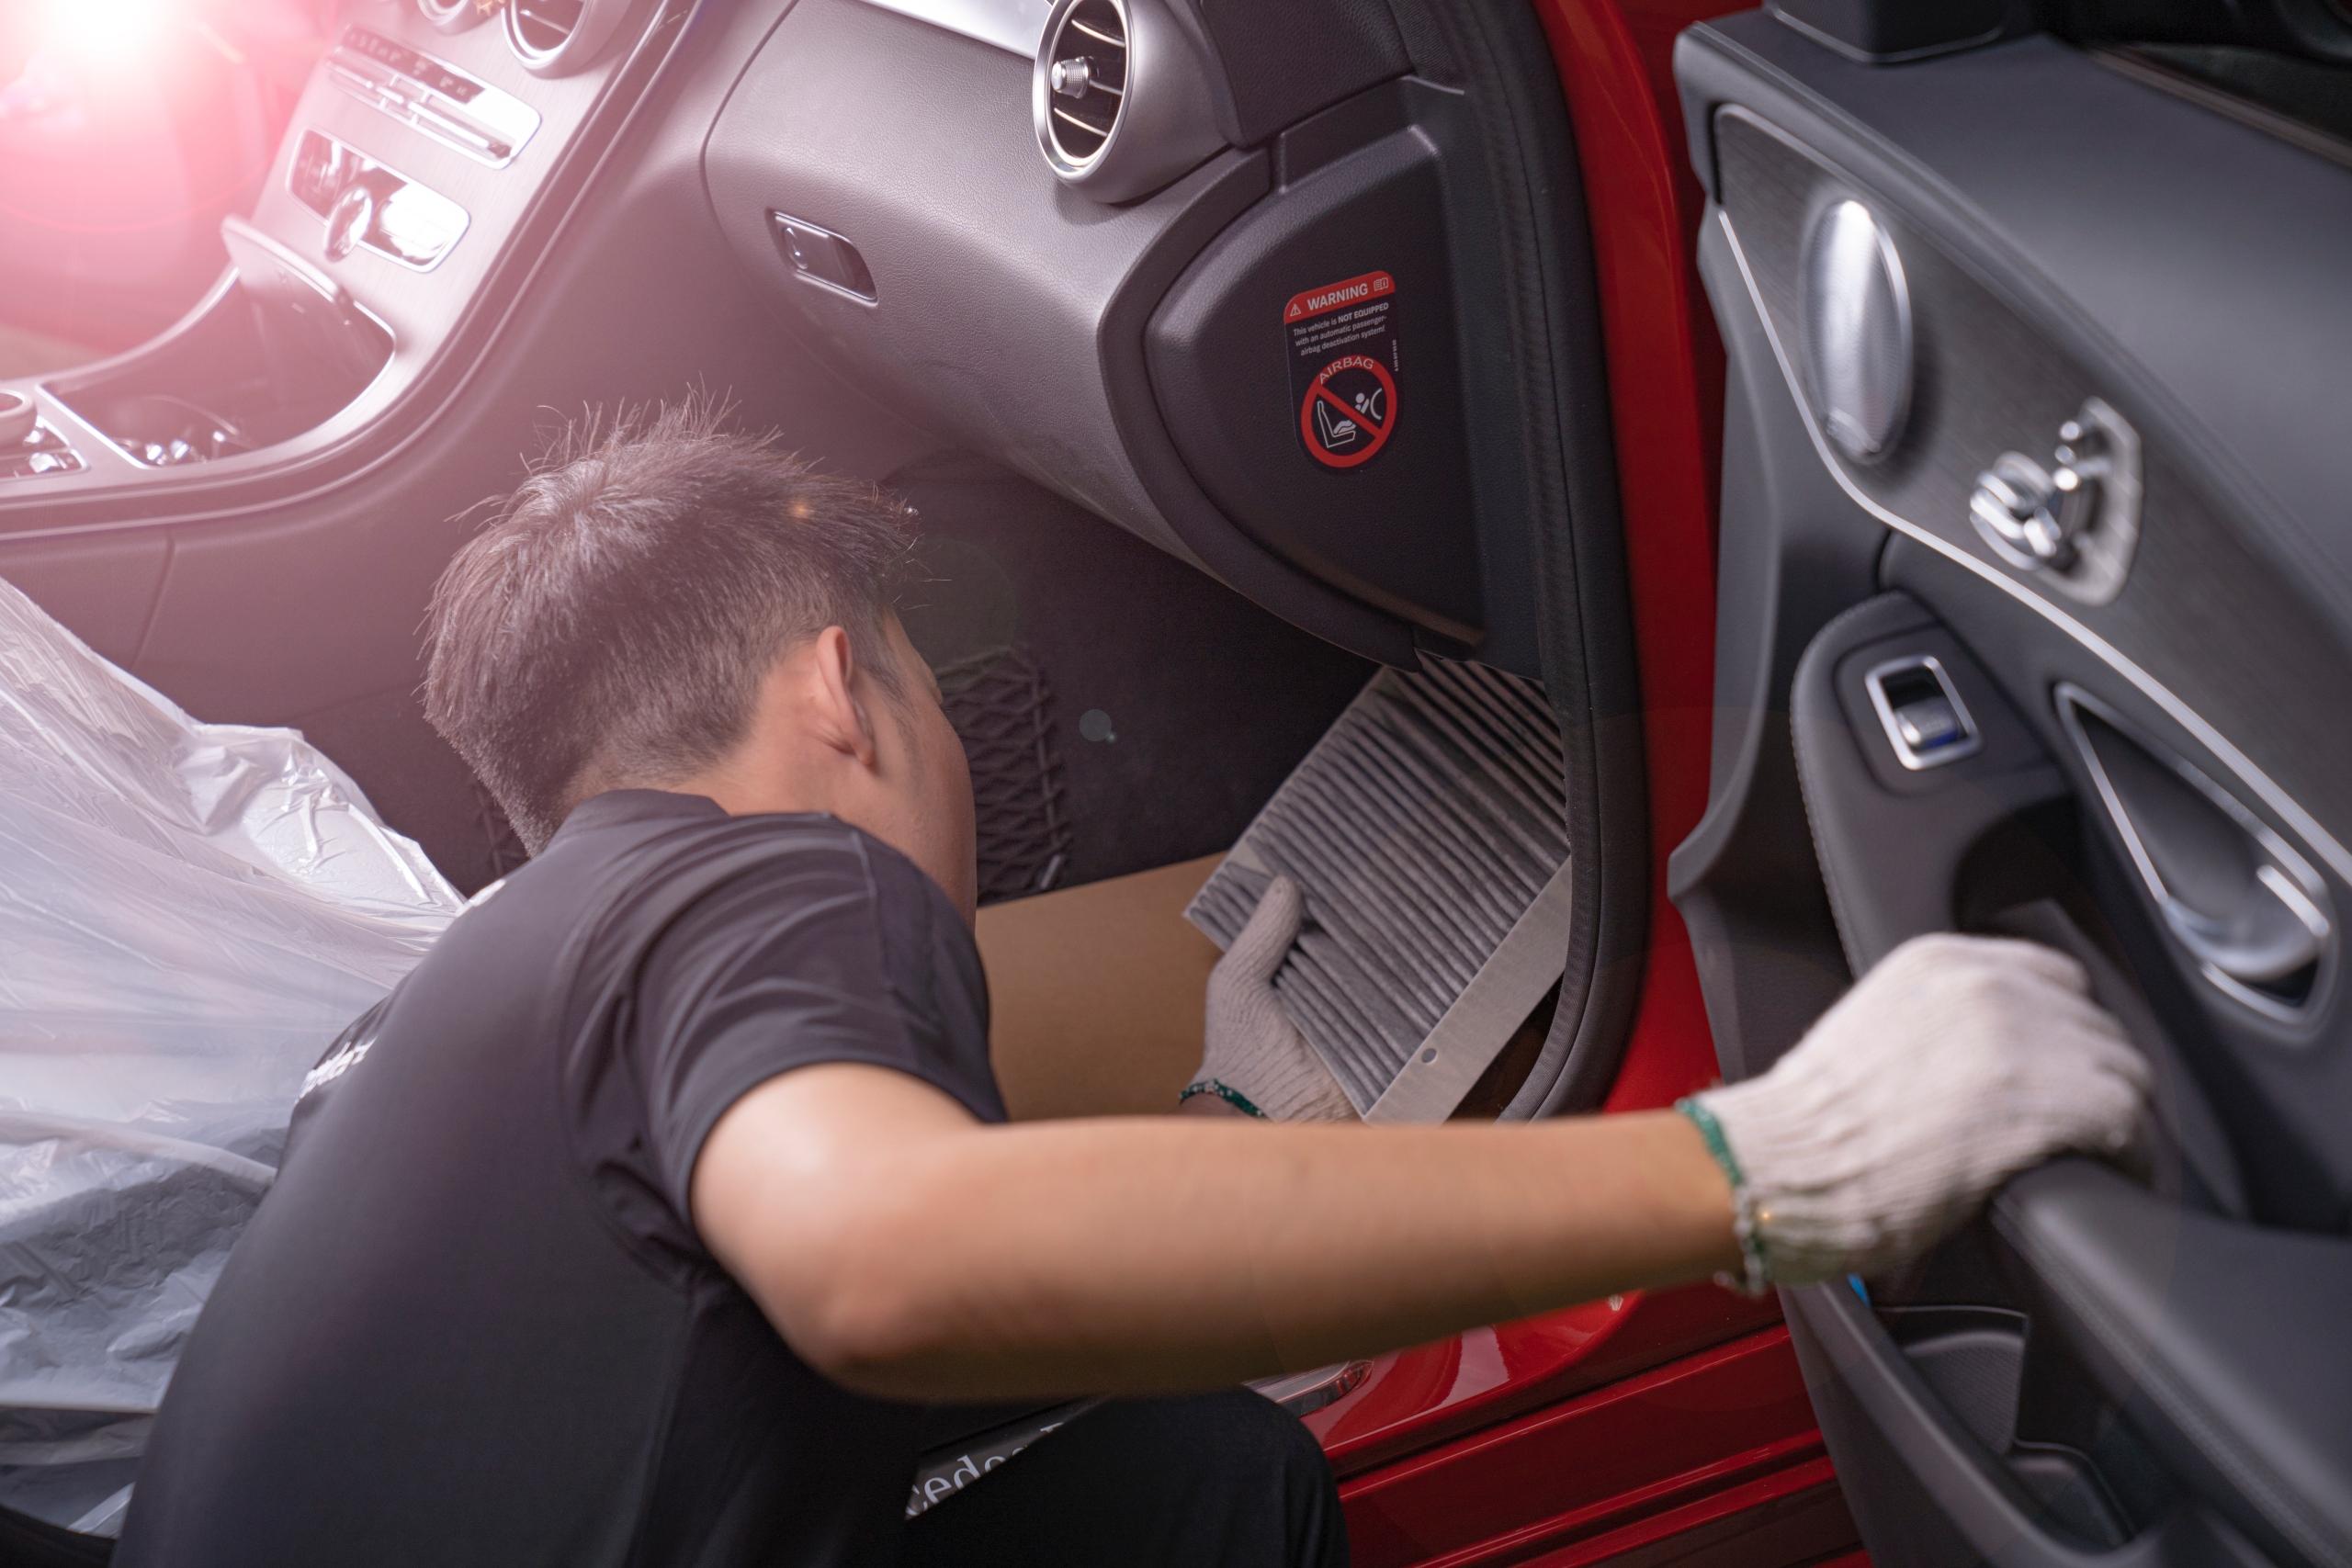 bảo dưỡng xe mercedes ở hà nội